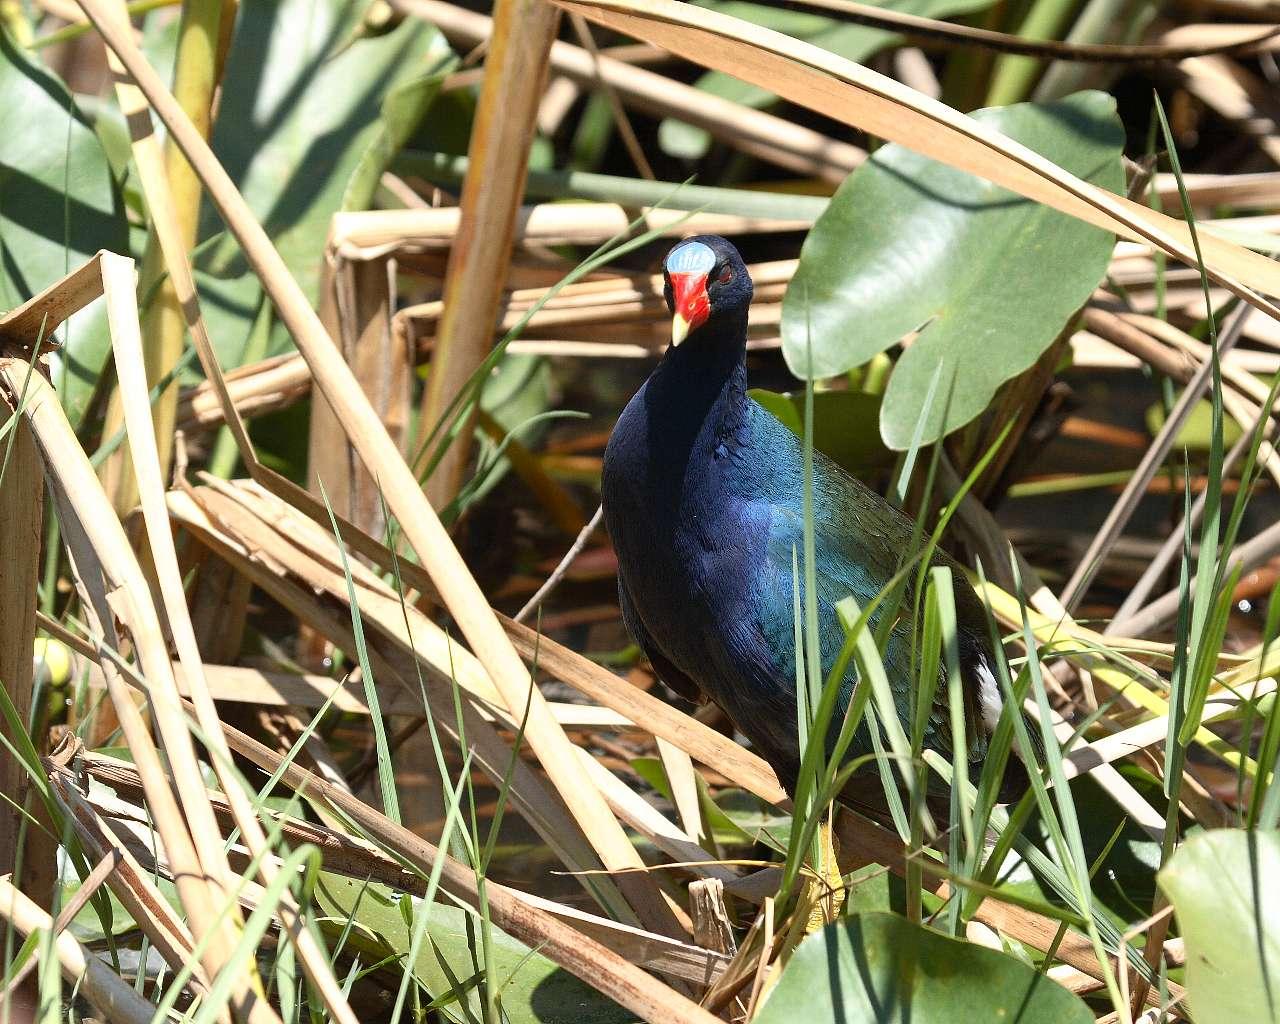 フロリダで出会った鳥達(その1)_f0105570_185253.jpg